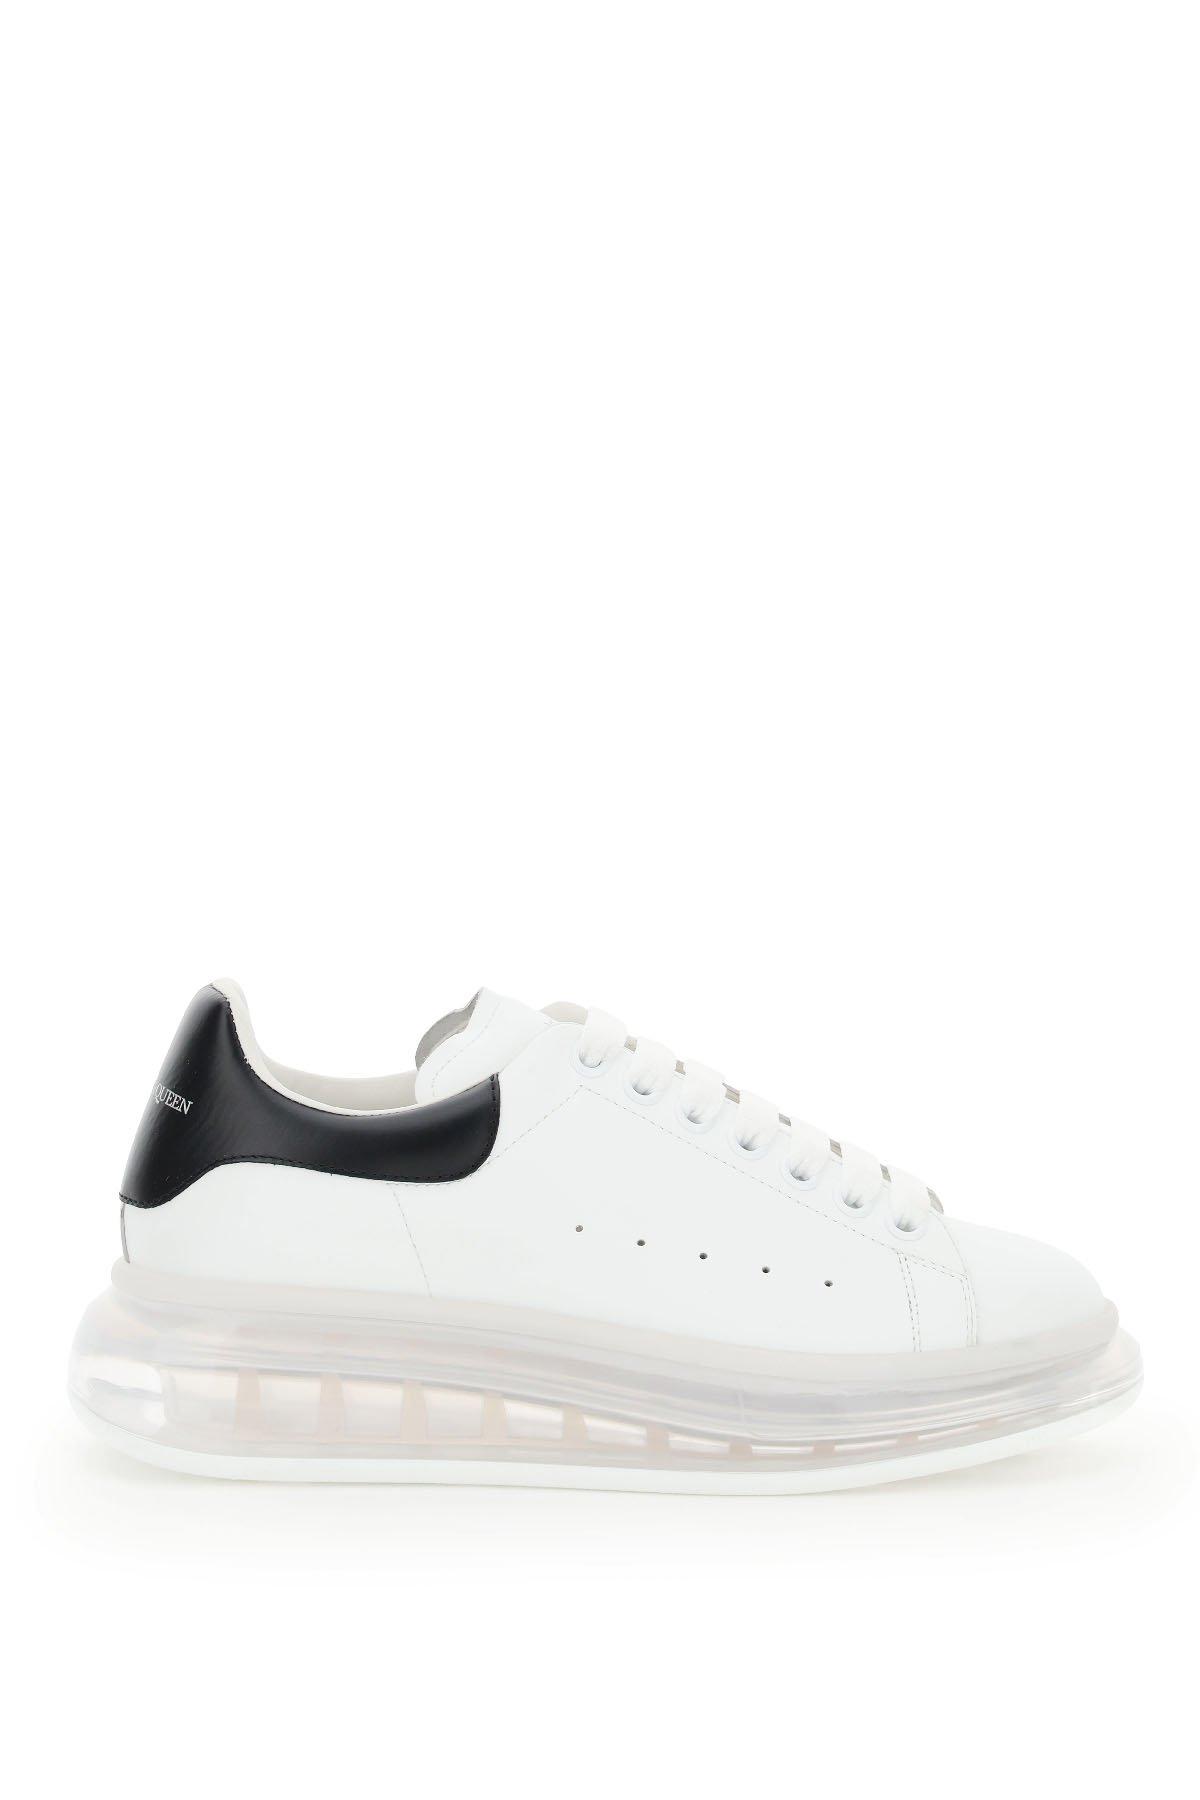 Alexander mcqueen oversize sole air sneakers